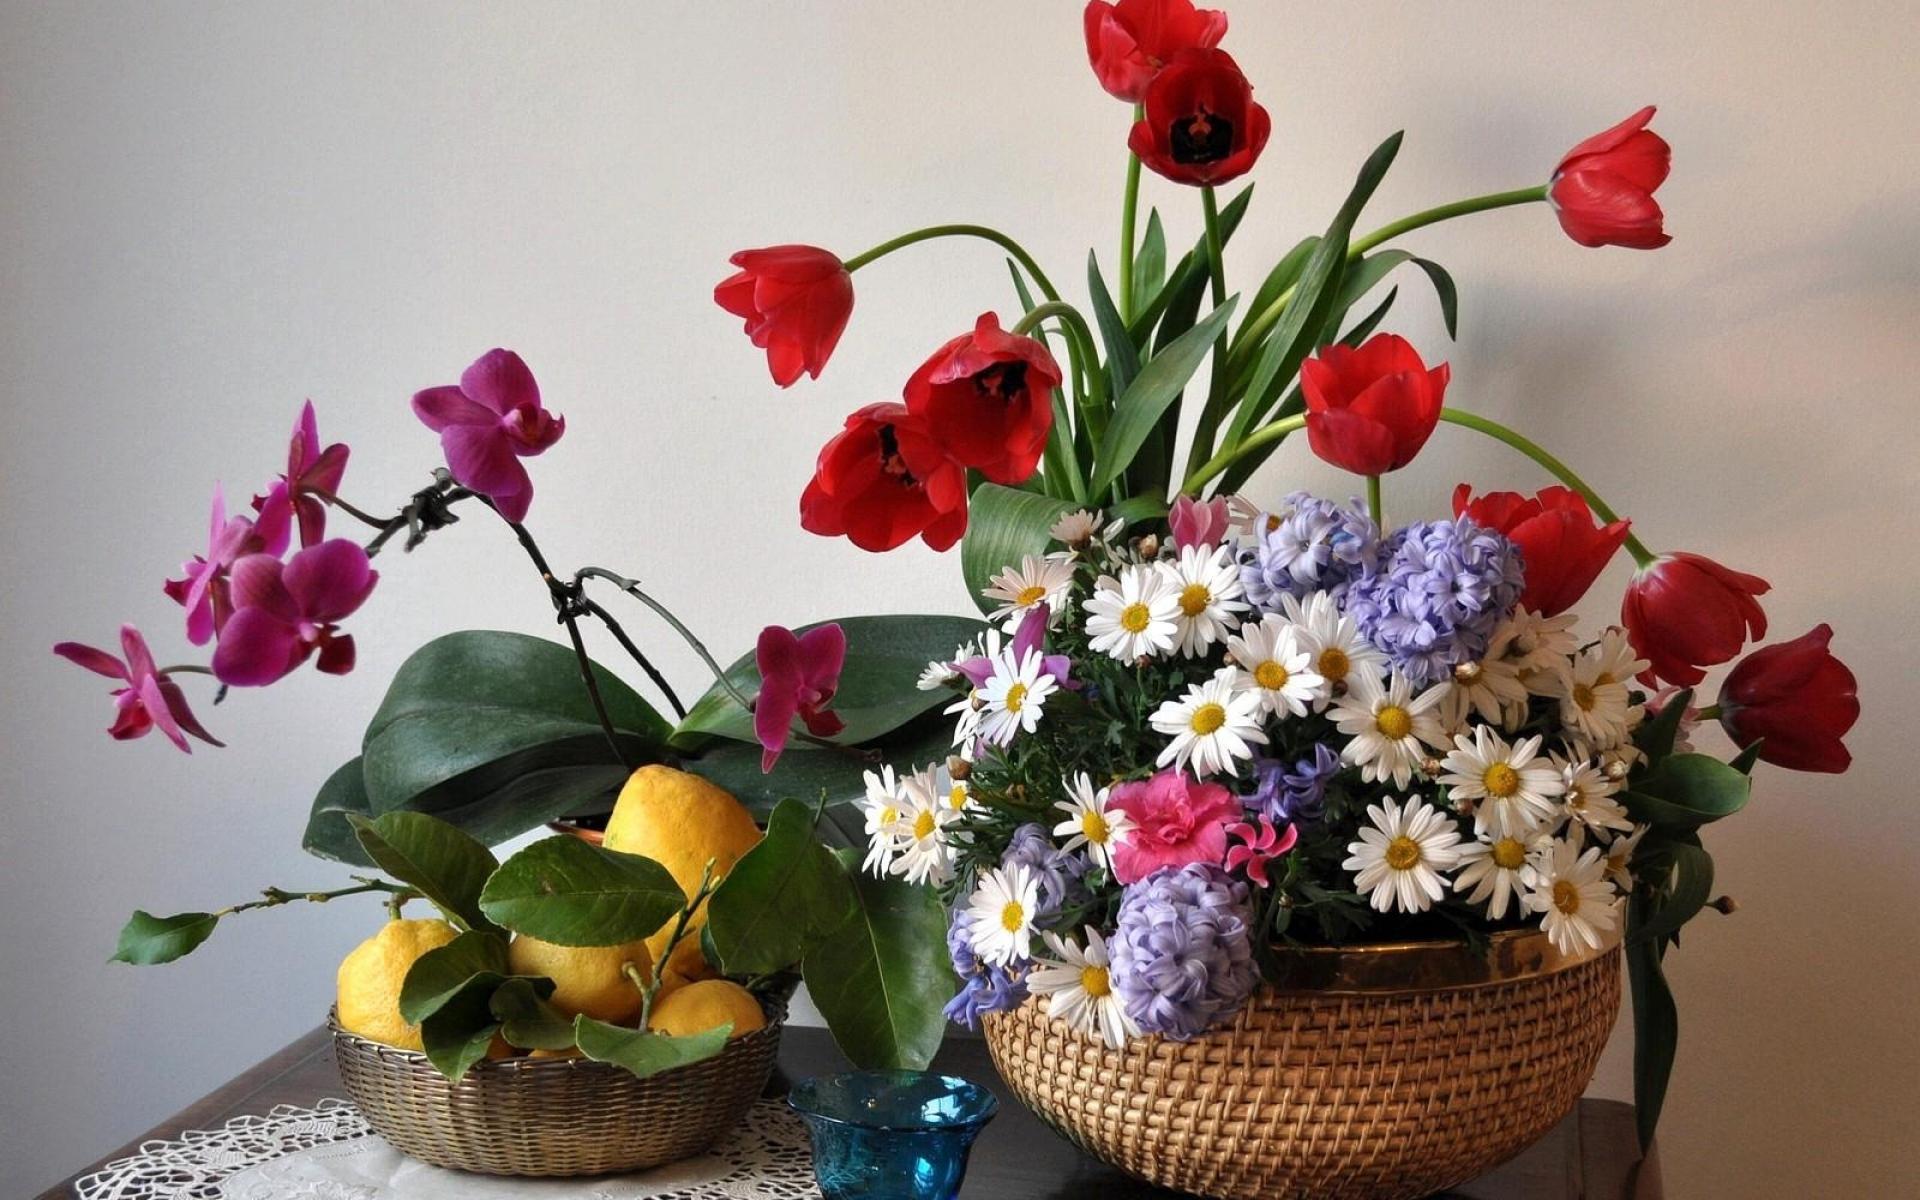 фотоснимках, сделанных фото цветов тюльпанов и ромашек постоянно сталкивалась